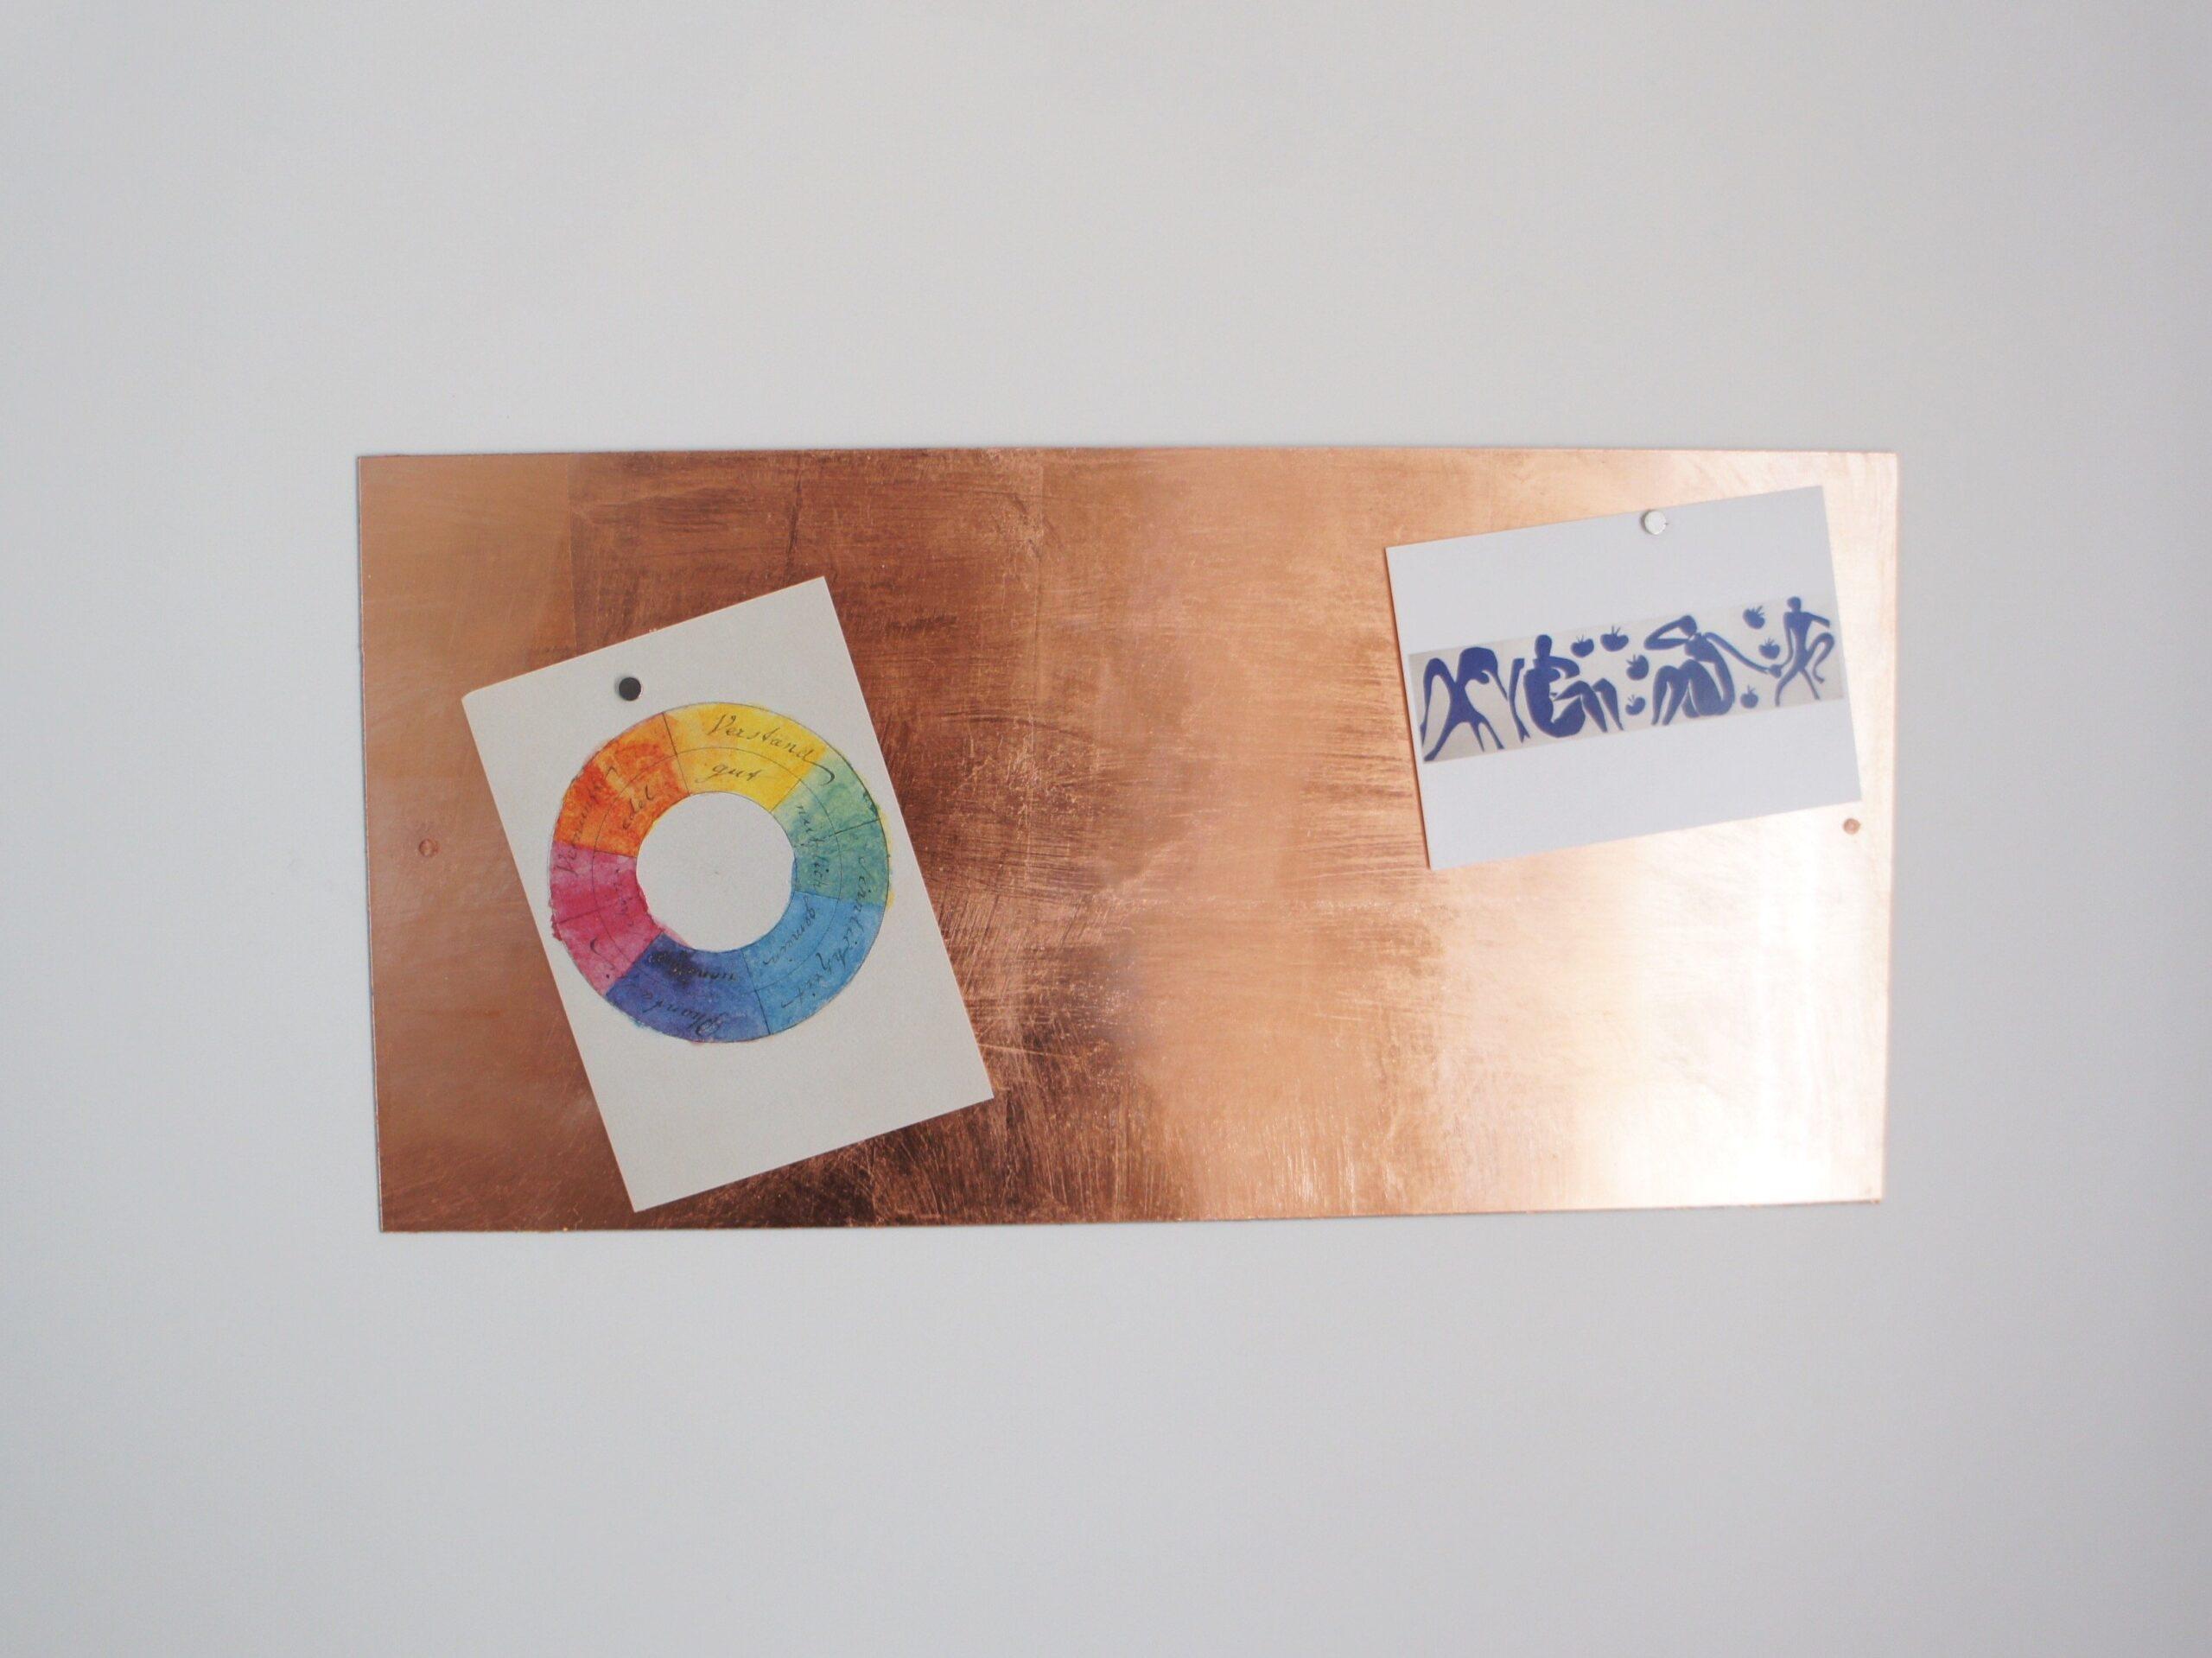 Full Size of Magnetwand Küche Copper Whiteboard Calvill Amerikanische Kaufen L Mit E Geräten Laminat In Der Wasserhähne Bauen Schmales Regal Unterschrank Wasserhahn Wohnzimmer Magnetwand Küche